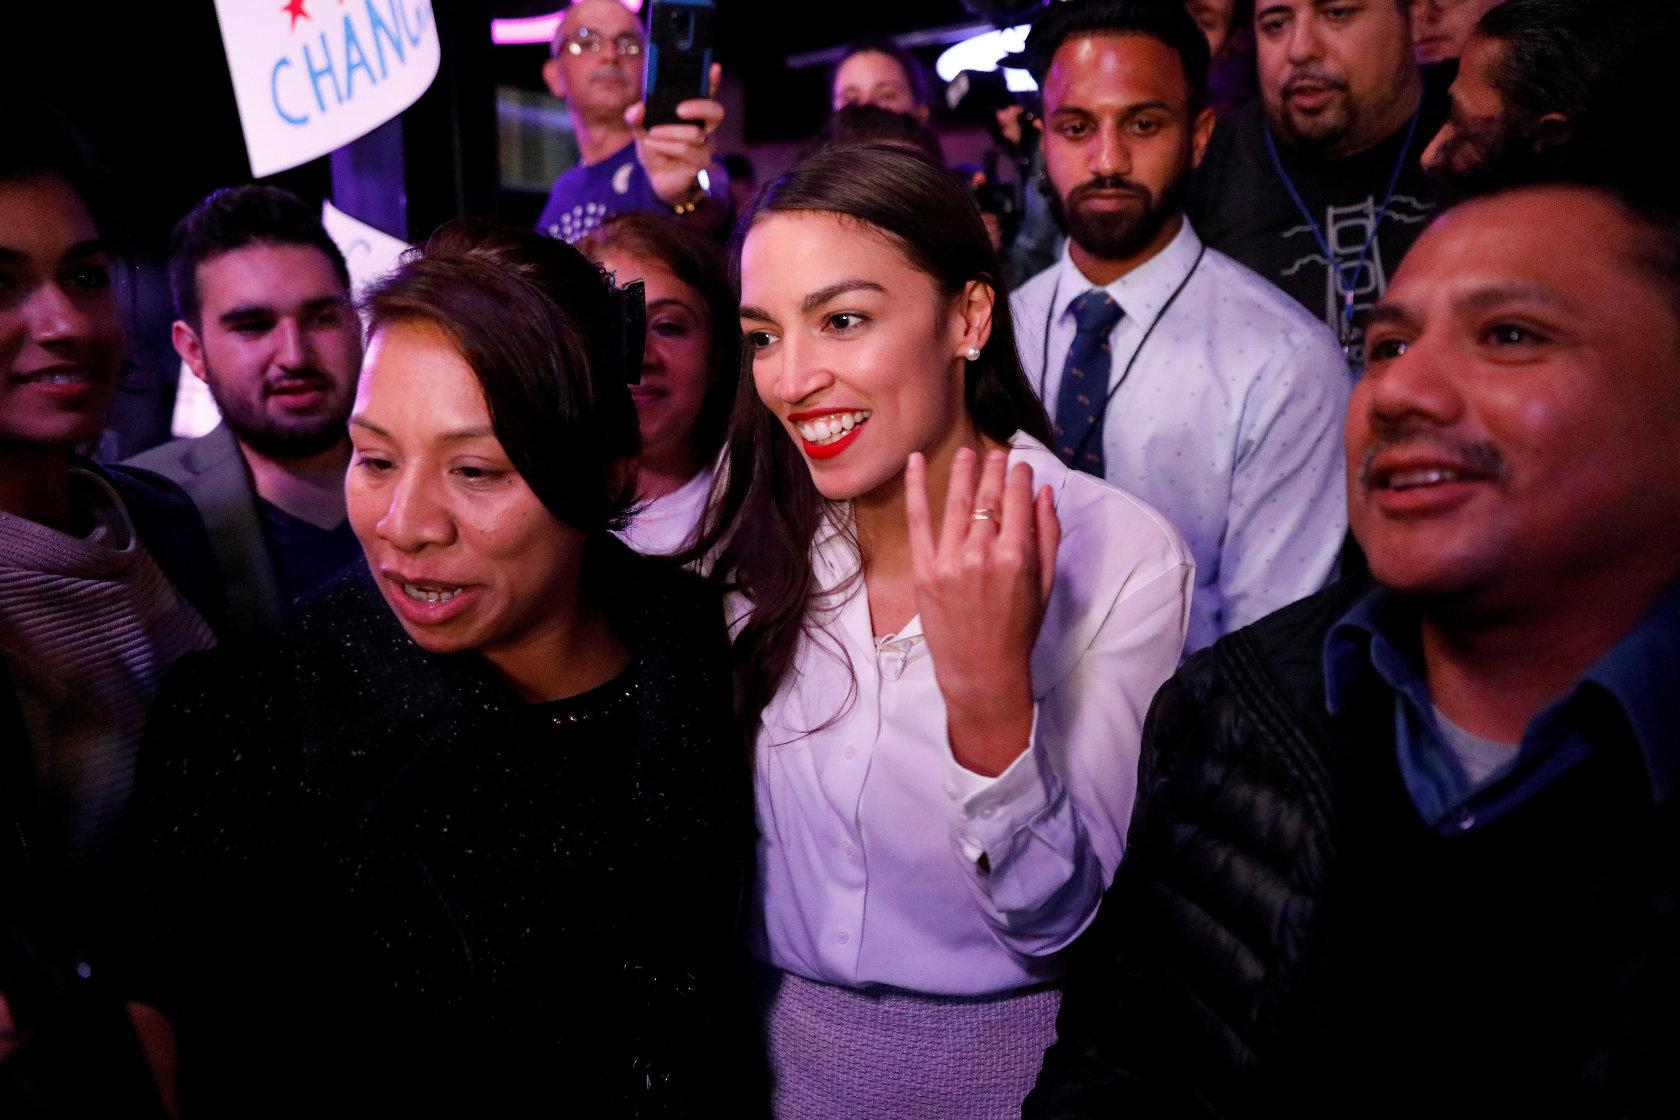 Alexandria Ocasio-Cortez, zastupnica Demokrata u američkom Kongresu sa svojim glasačima